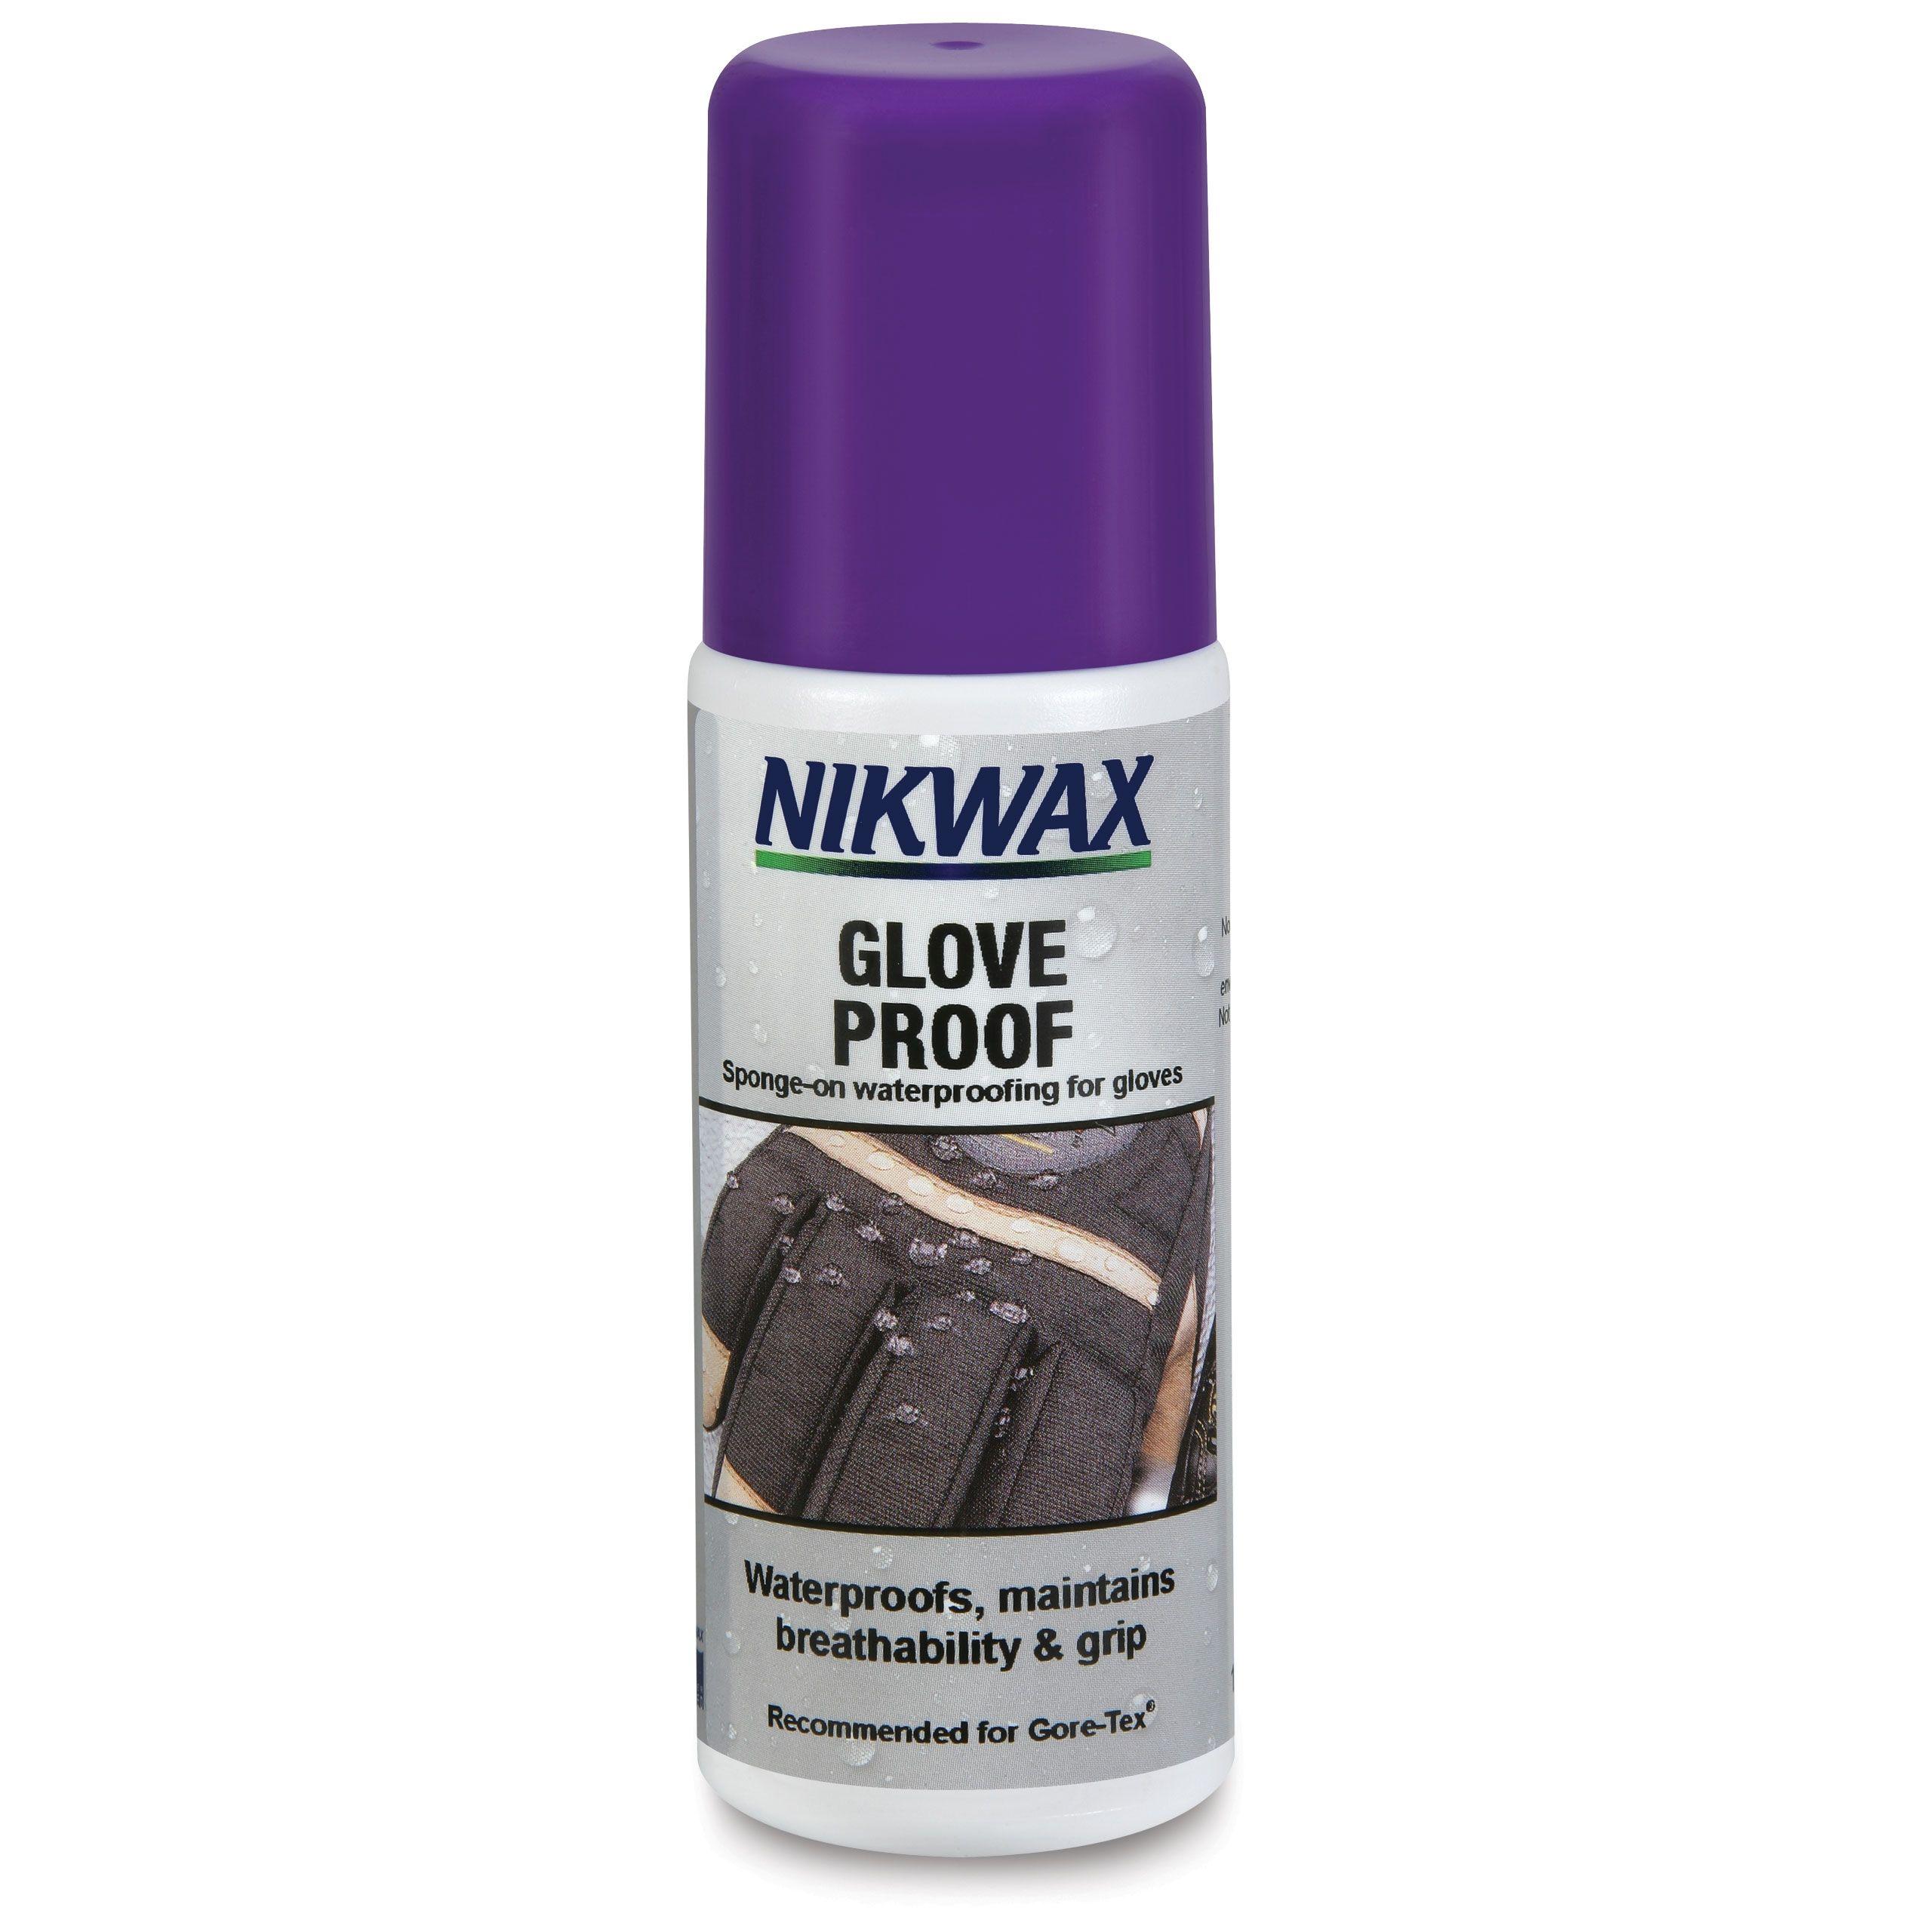 Nikwax Glove Proof Sponge On Waterproofer 125ml